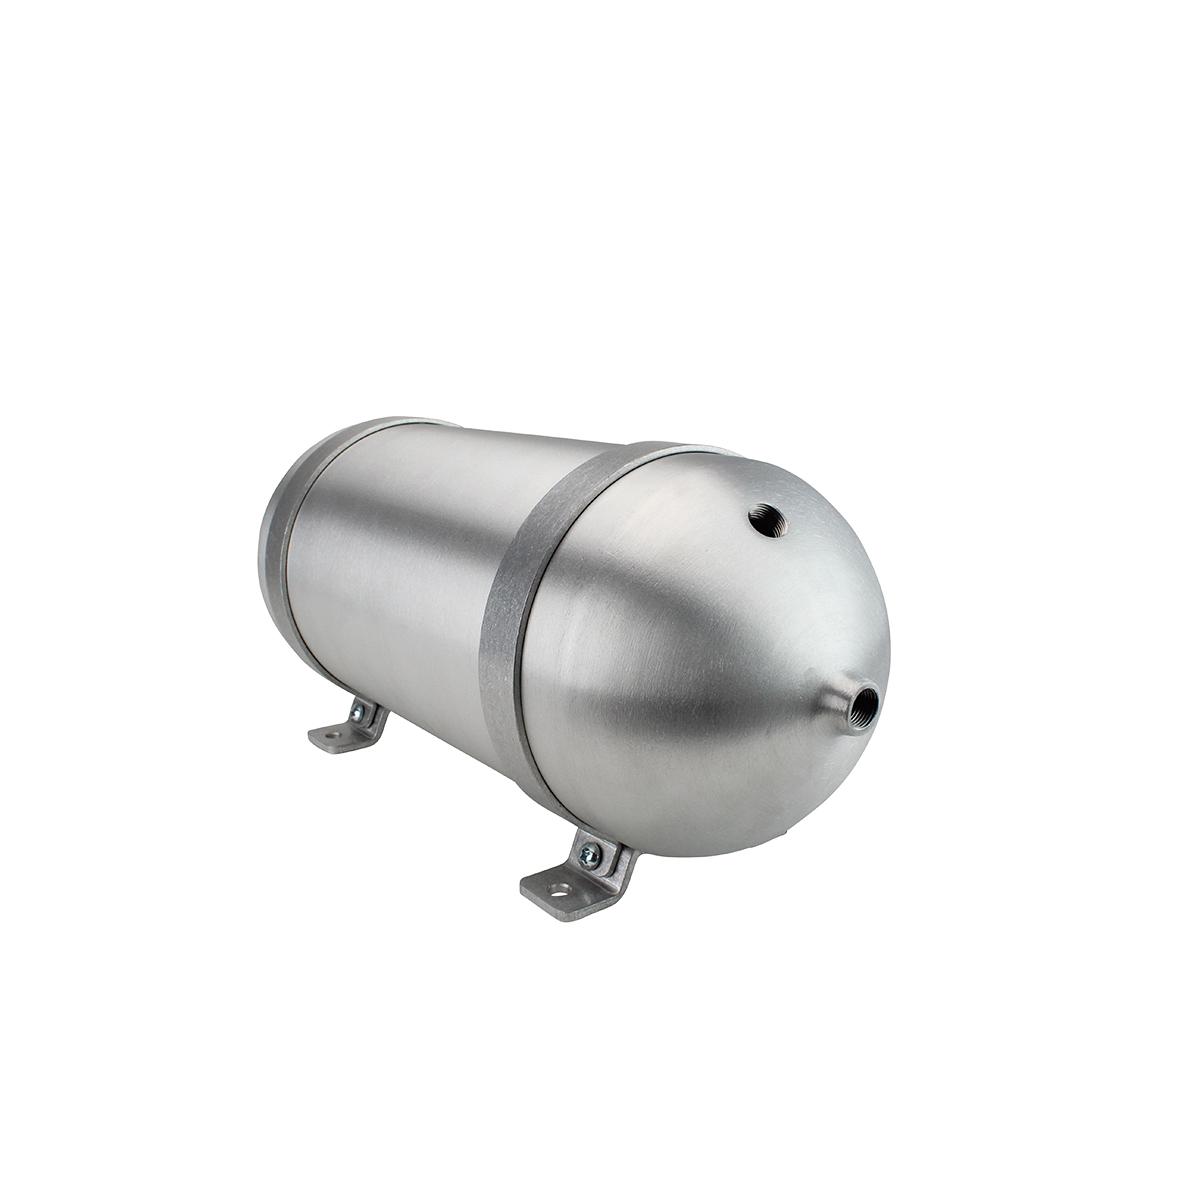 """SA618038-01 Seamless Tanks Aluminum Air Tank 18"""" Length 6.625"""" Diameter, (4) 3/8"""" Ports (1) 1/4"""" Port, 200psi Rated, 2 Gallons"""